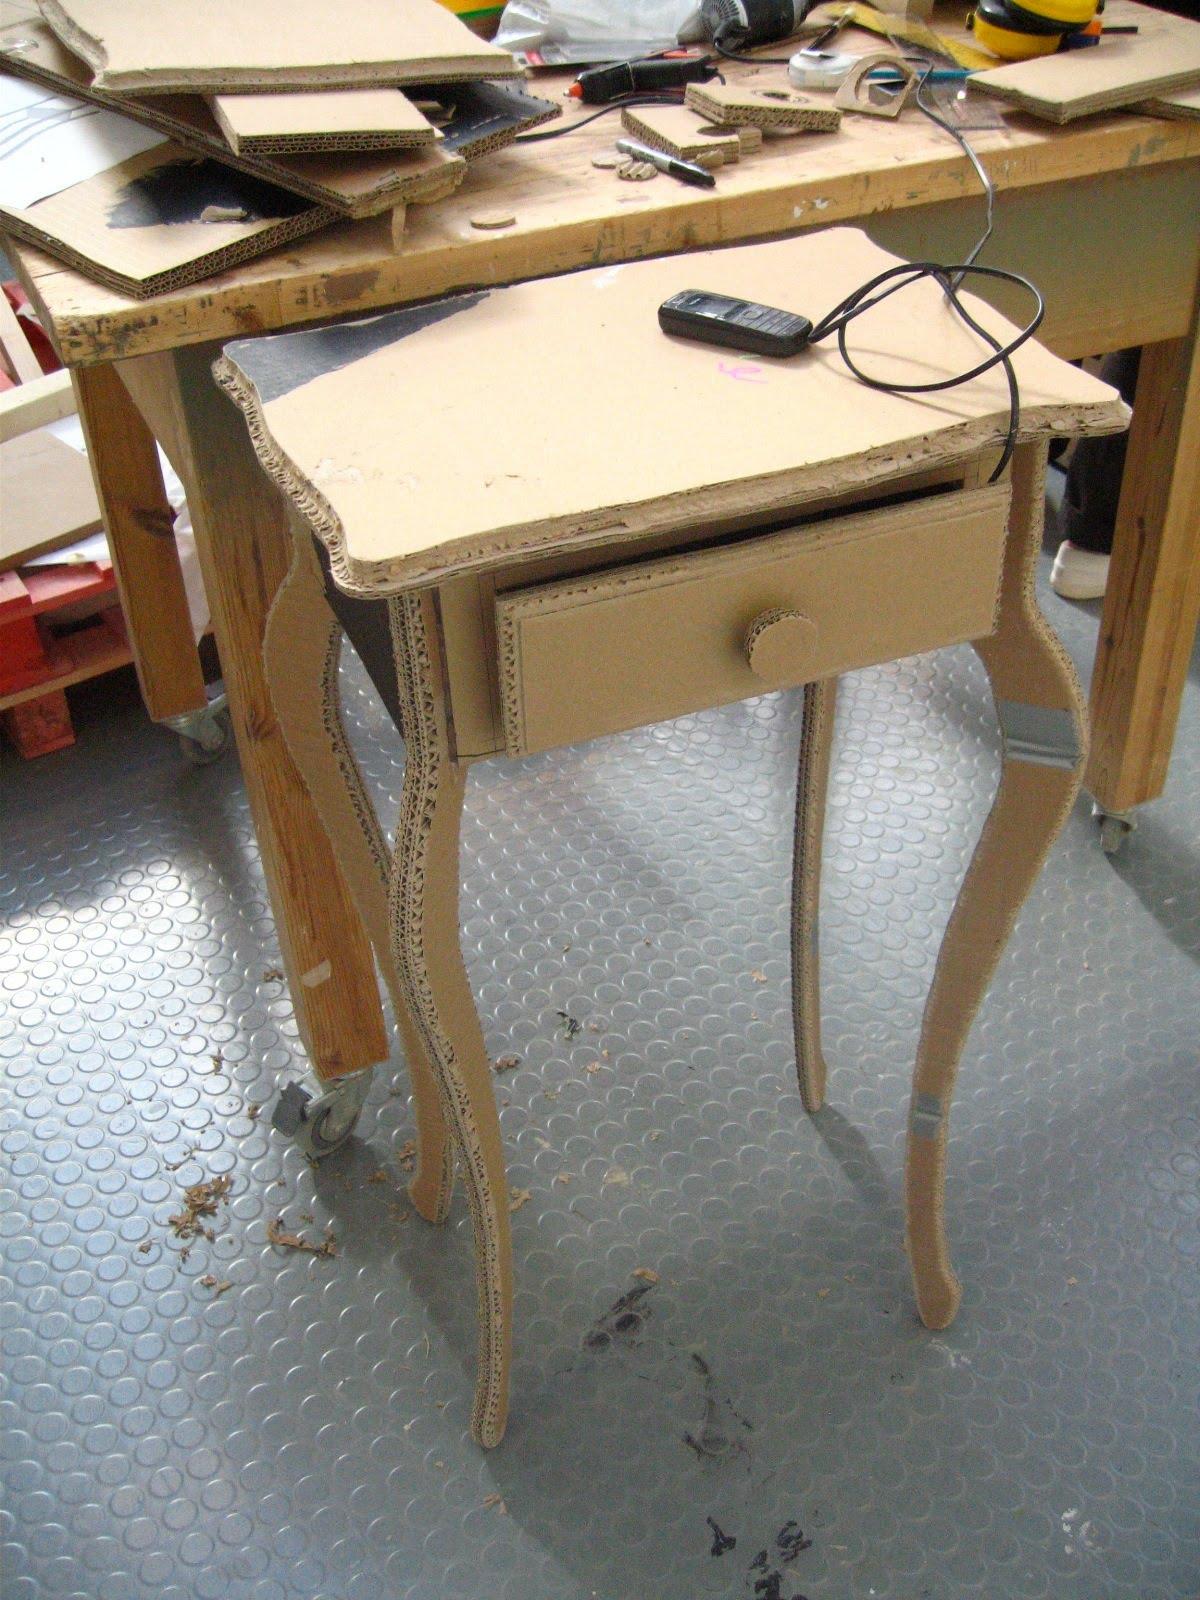 Делаем эконом мебель из картона: стол, полки для книг и обуви 63